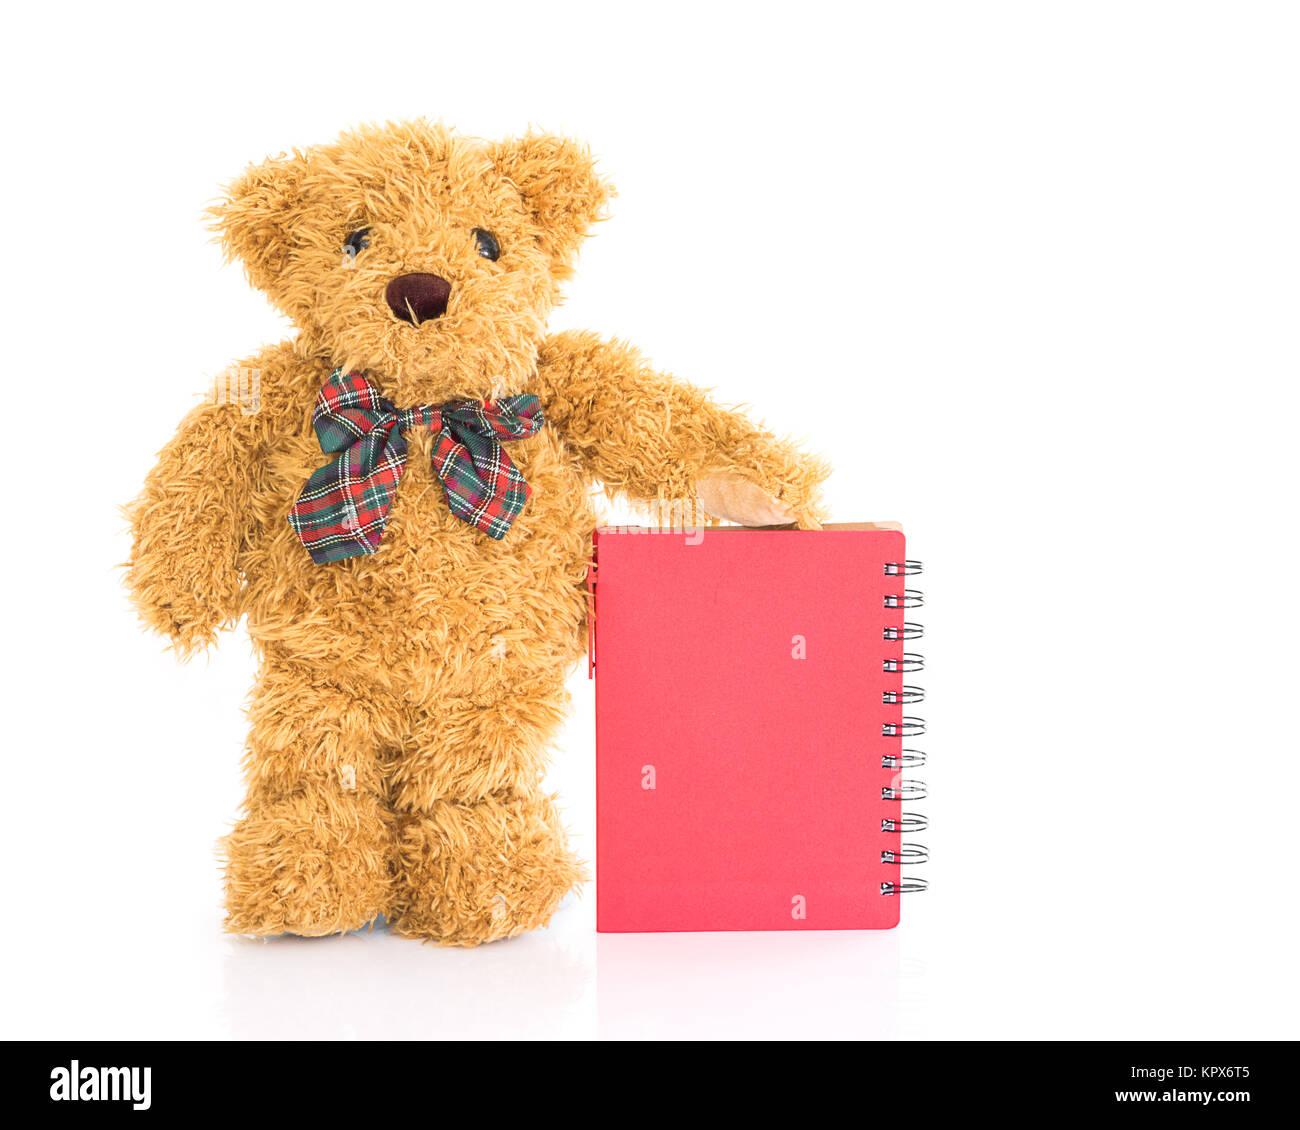 teddyb r mit stift und leere red notebook stockfoto bild 168991877 alamy. Black Bedroom Furniture Sets. Home Design Ideas